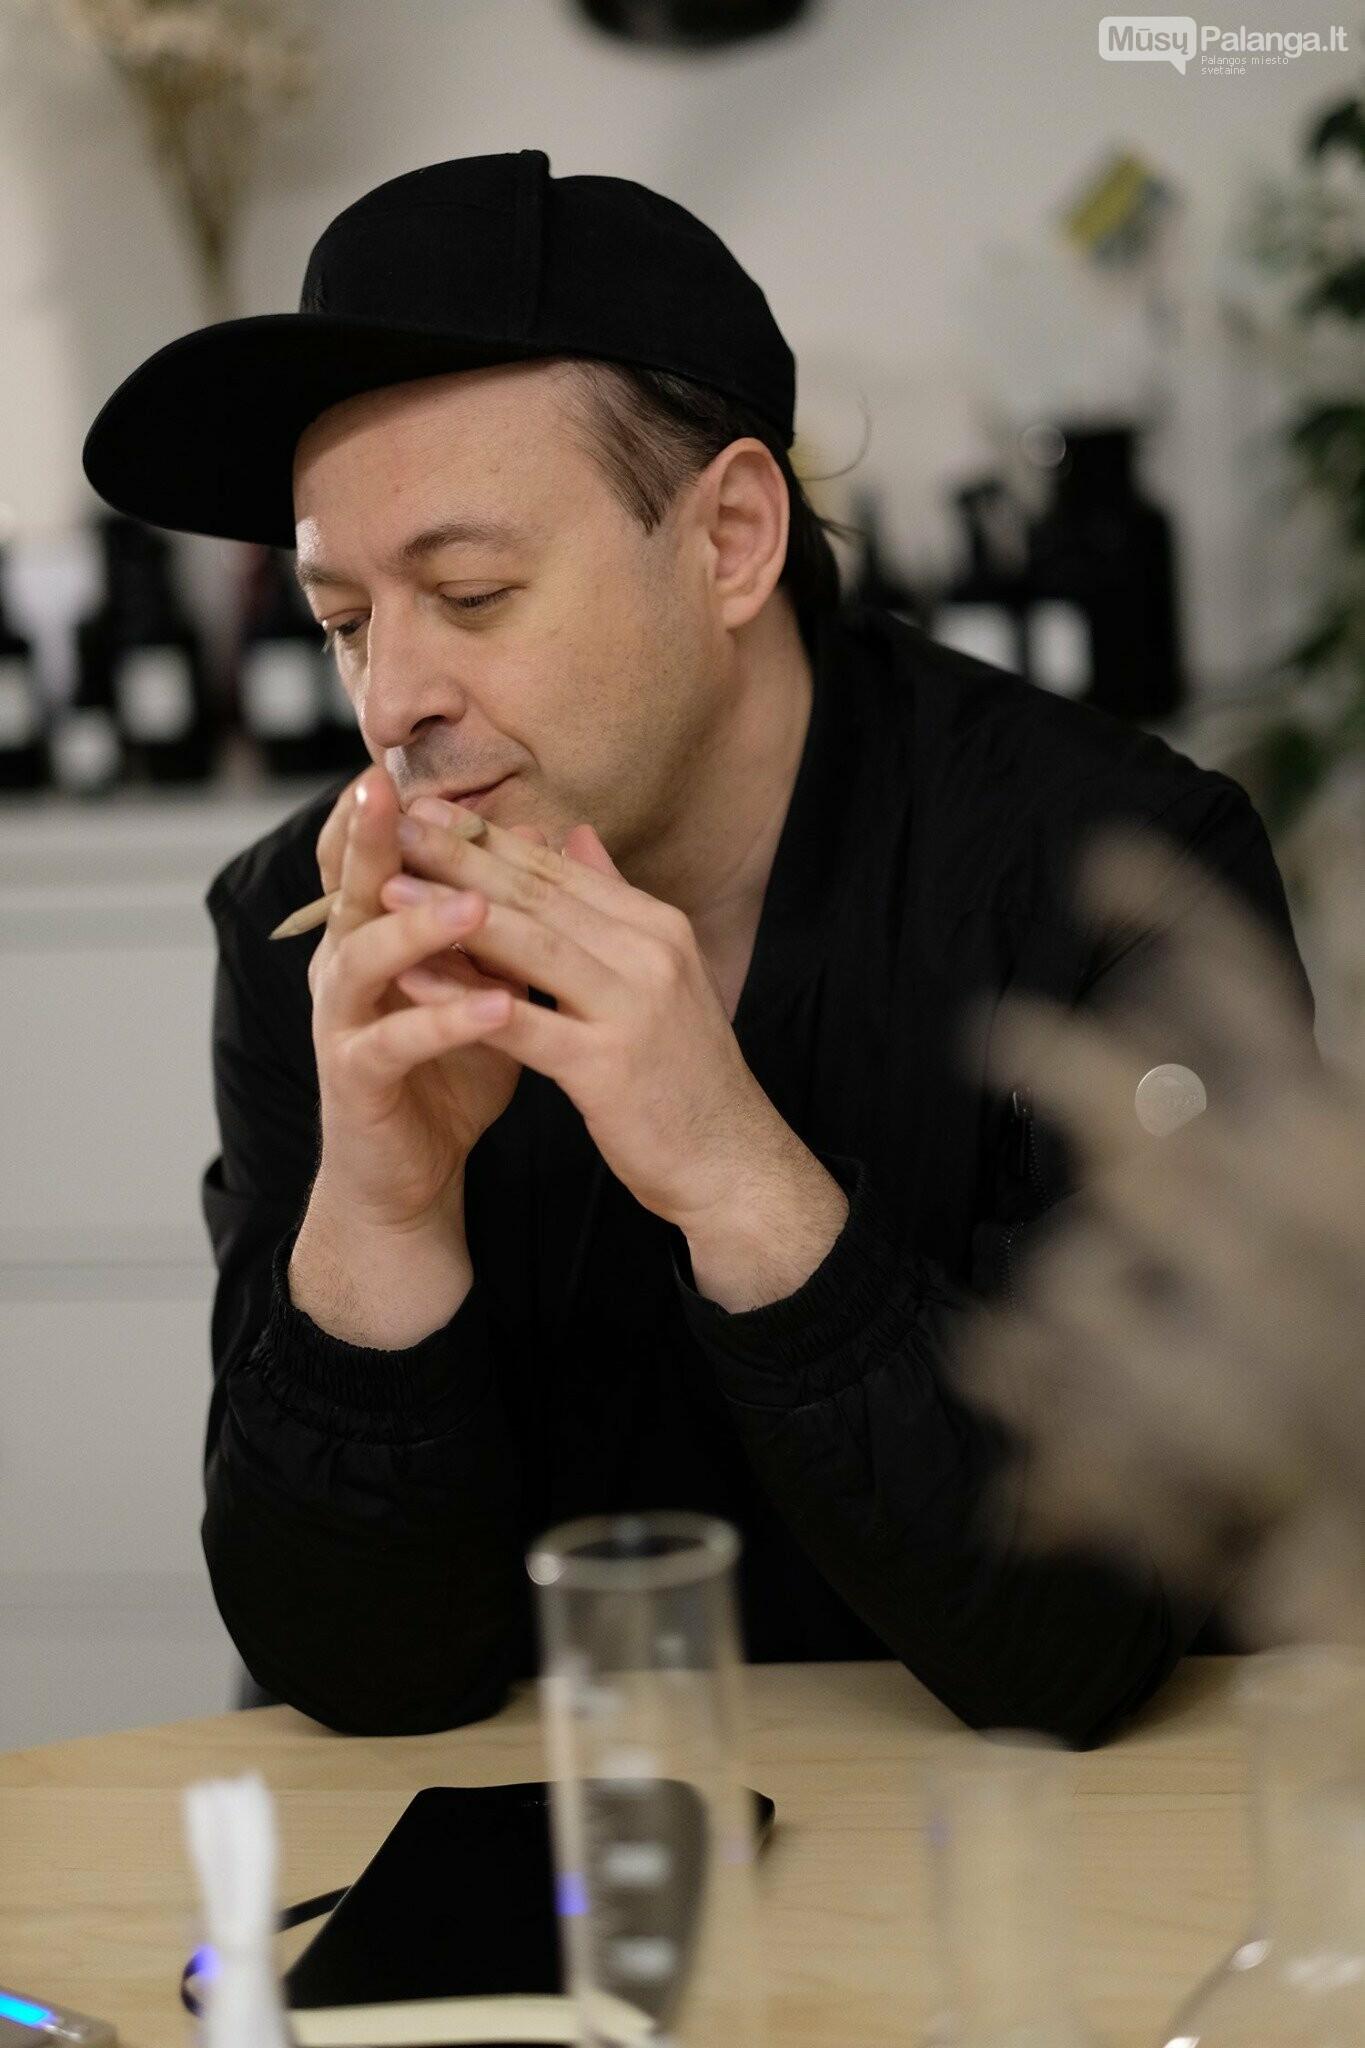 """Aistis Mickevičius surengs parfumerinę paskaitą internete: """"Prieš degustuojant aromatus – geriau žinoti, ką, kaip ir kodėl užuodžiate"""", nuotrauka-1"""